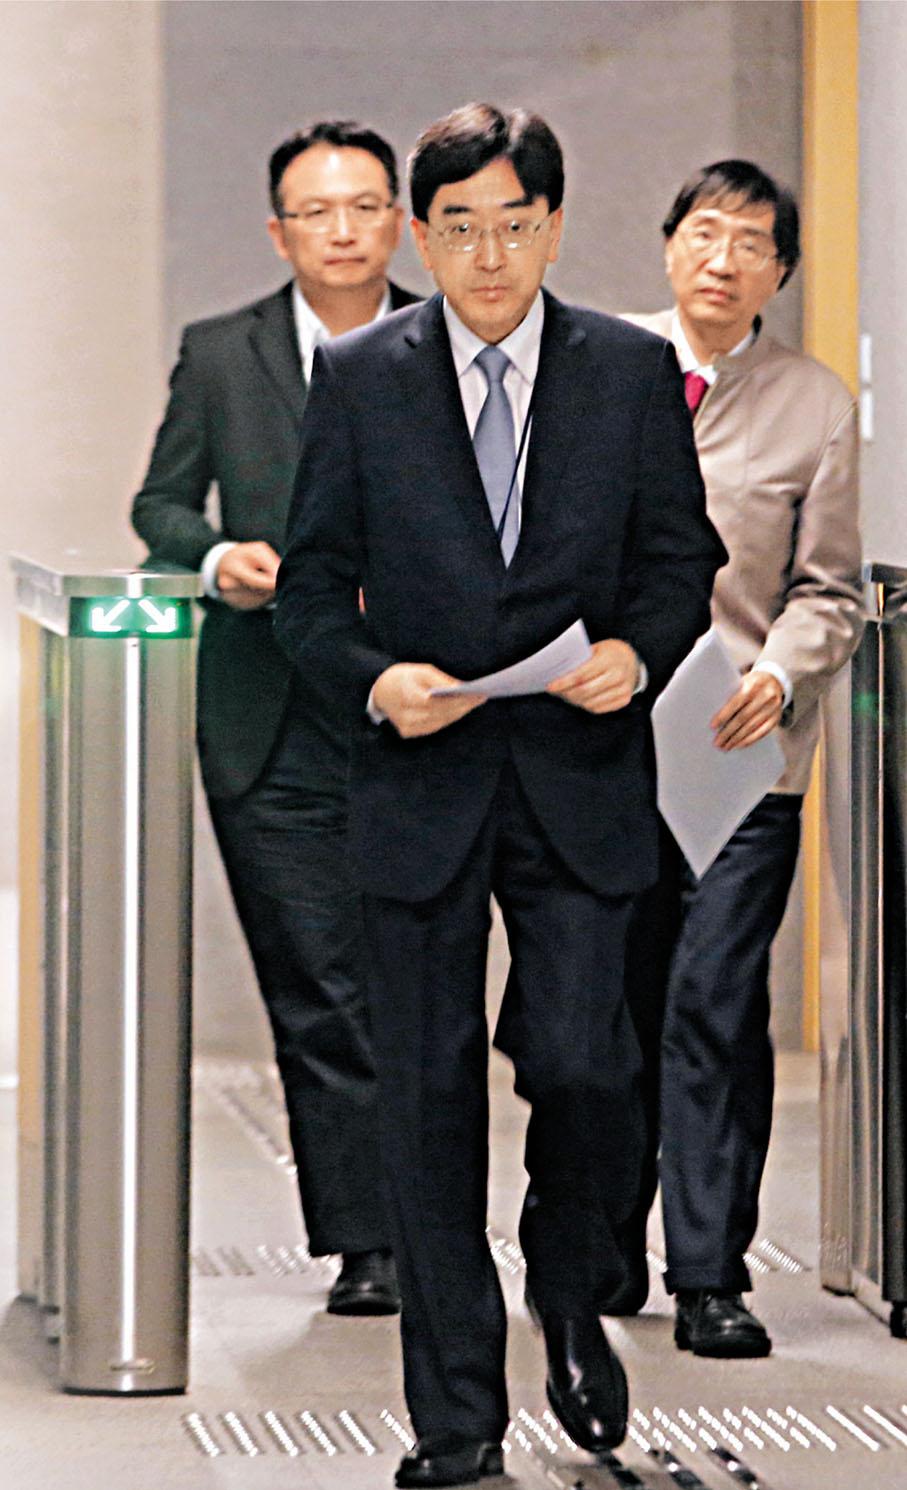 ■高永文(中)昨日開完禽流感跨部門會議召開記者會,希望公眾諒解政府的嚴謹檢驗措施。 莫雪芝  攝